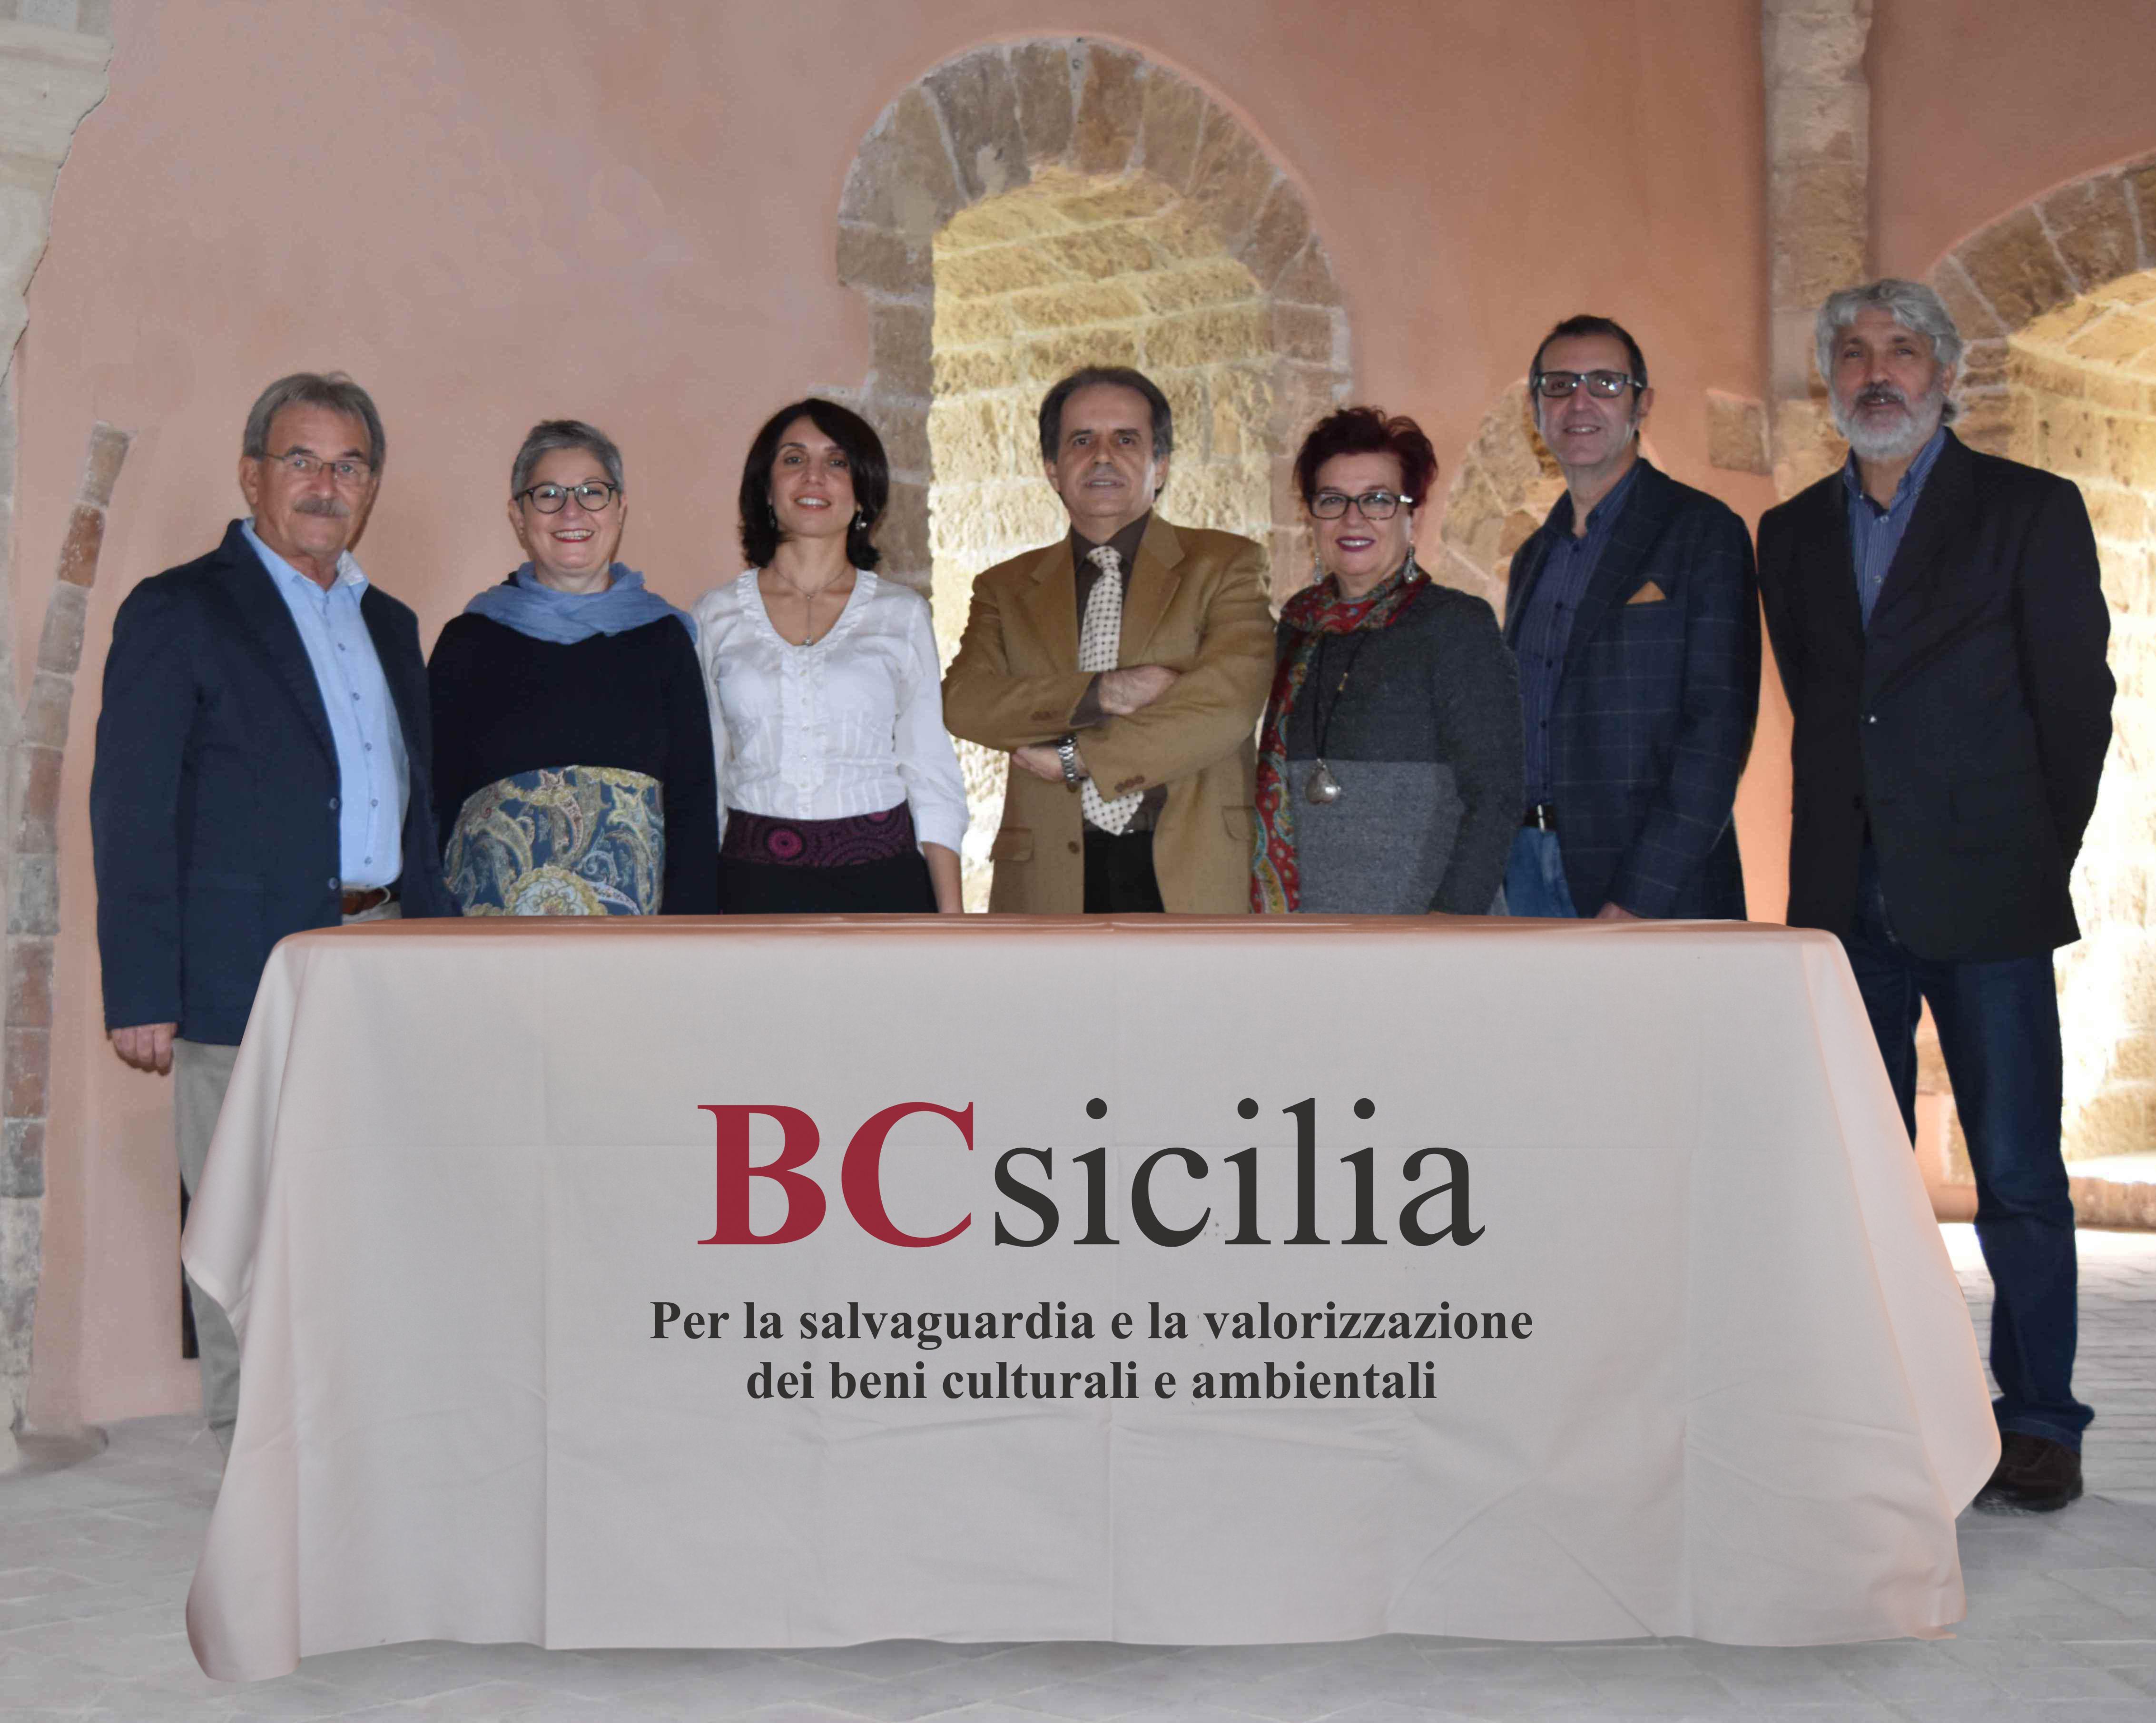 Eletti gli organismi regionali dell'Associazione BCsicilia